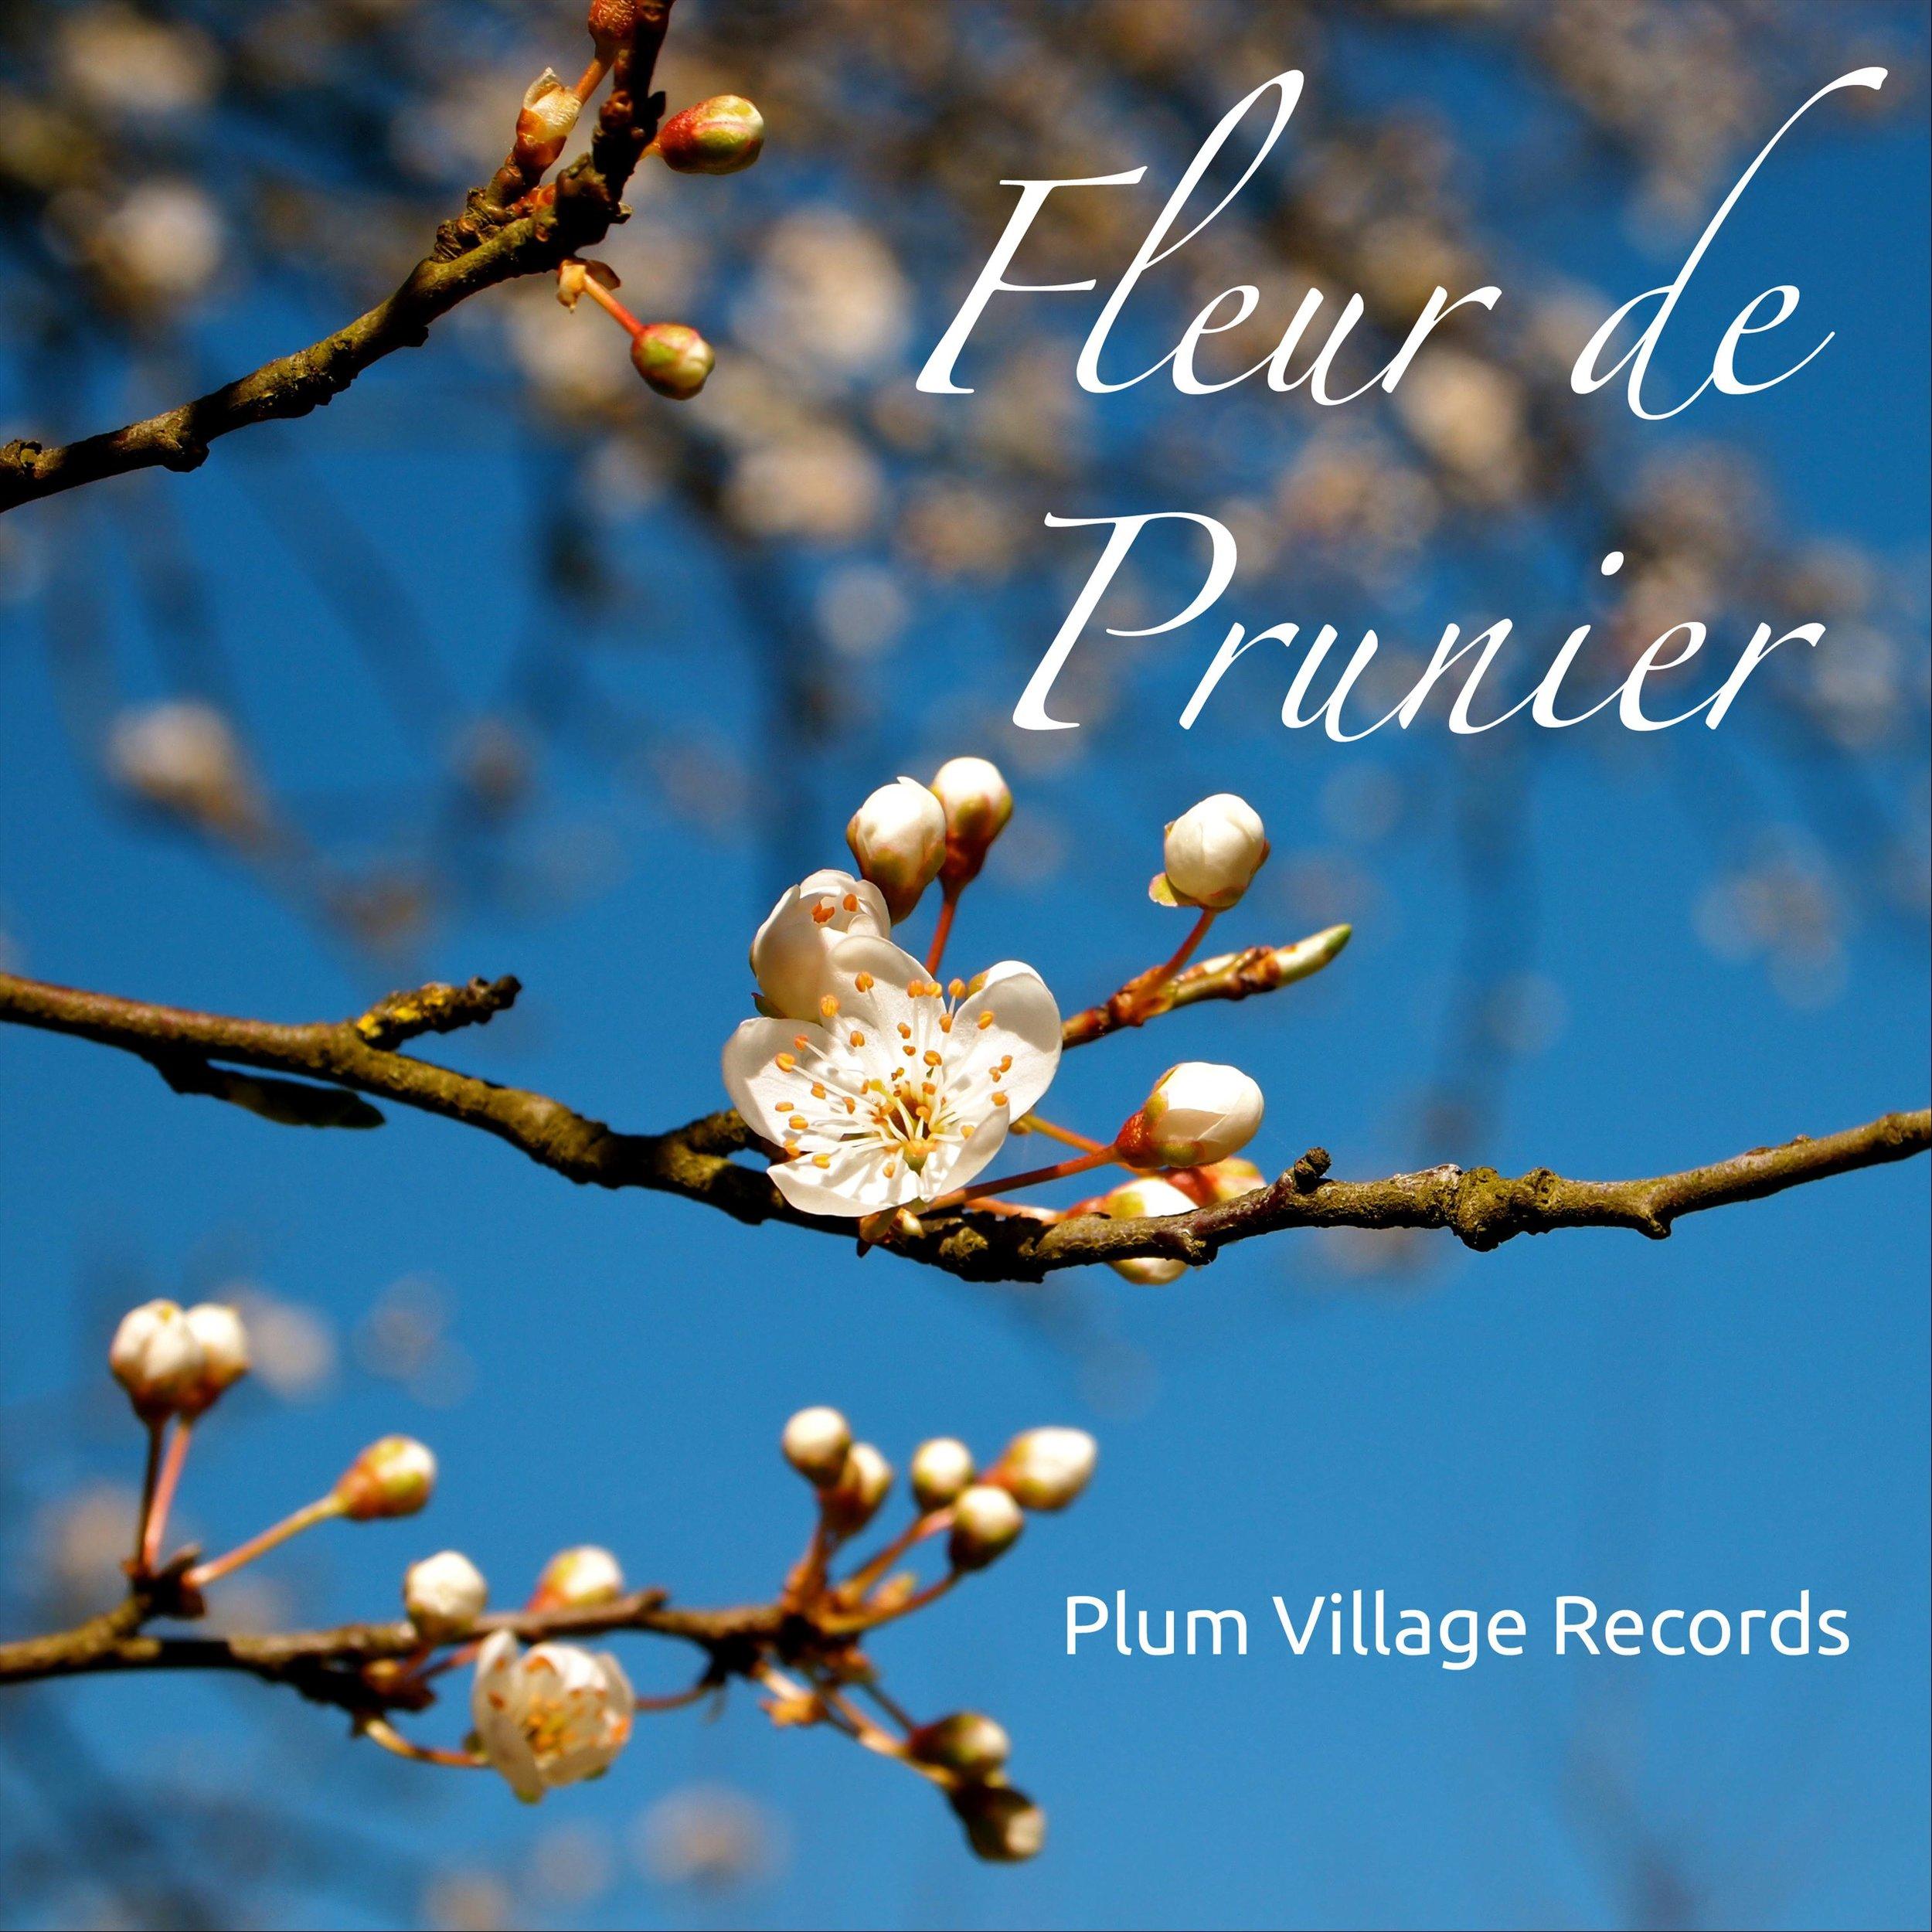 """Fleur de Prunier - Fleur de Prunier is a collection of music in French including """"Sans Venir, Sans Partir,"""" """"Je Sues Chez Moi,"""" and """"Mon Ile Interieur.""""Also available on iTunes"""